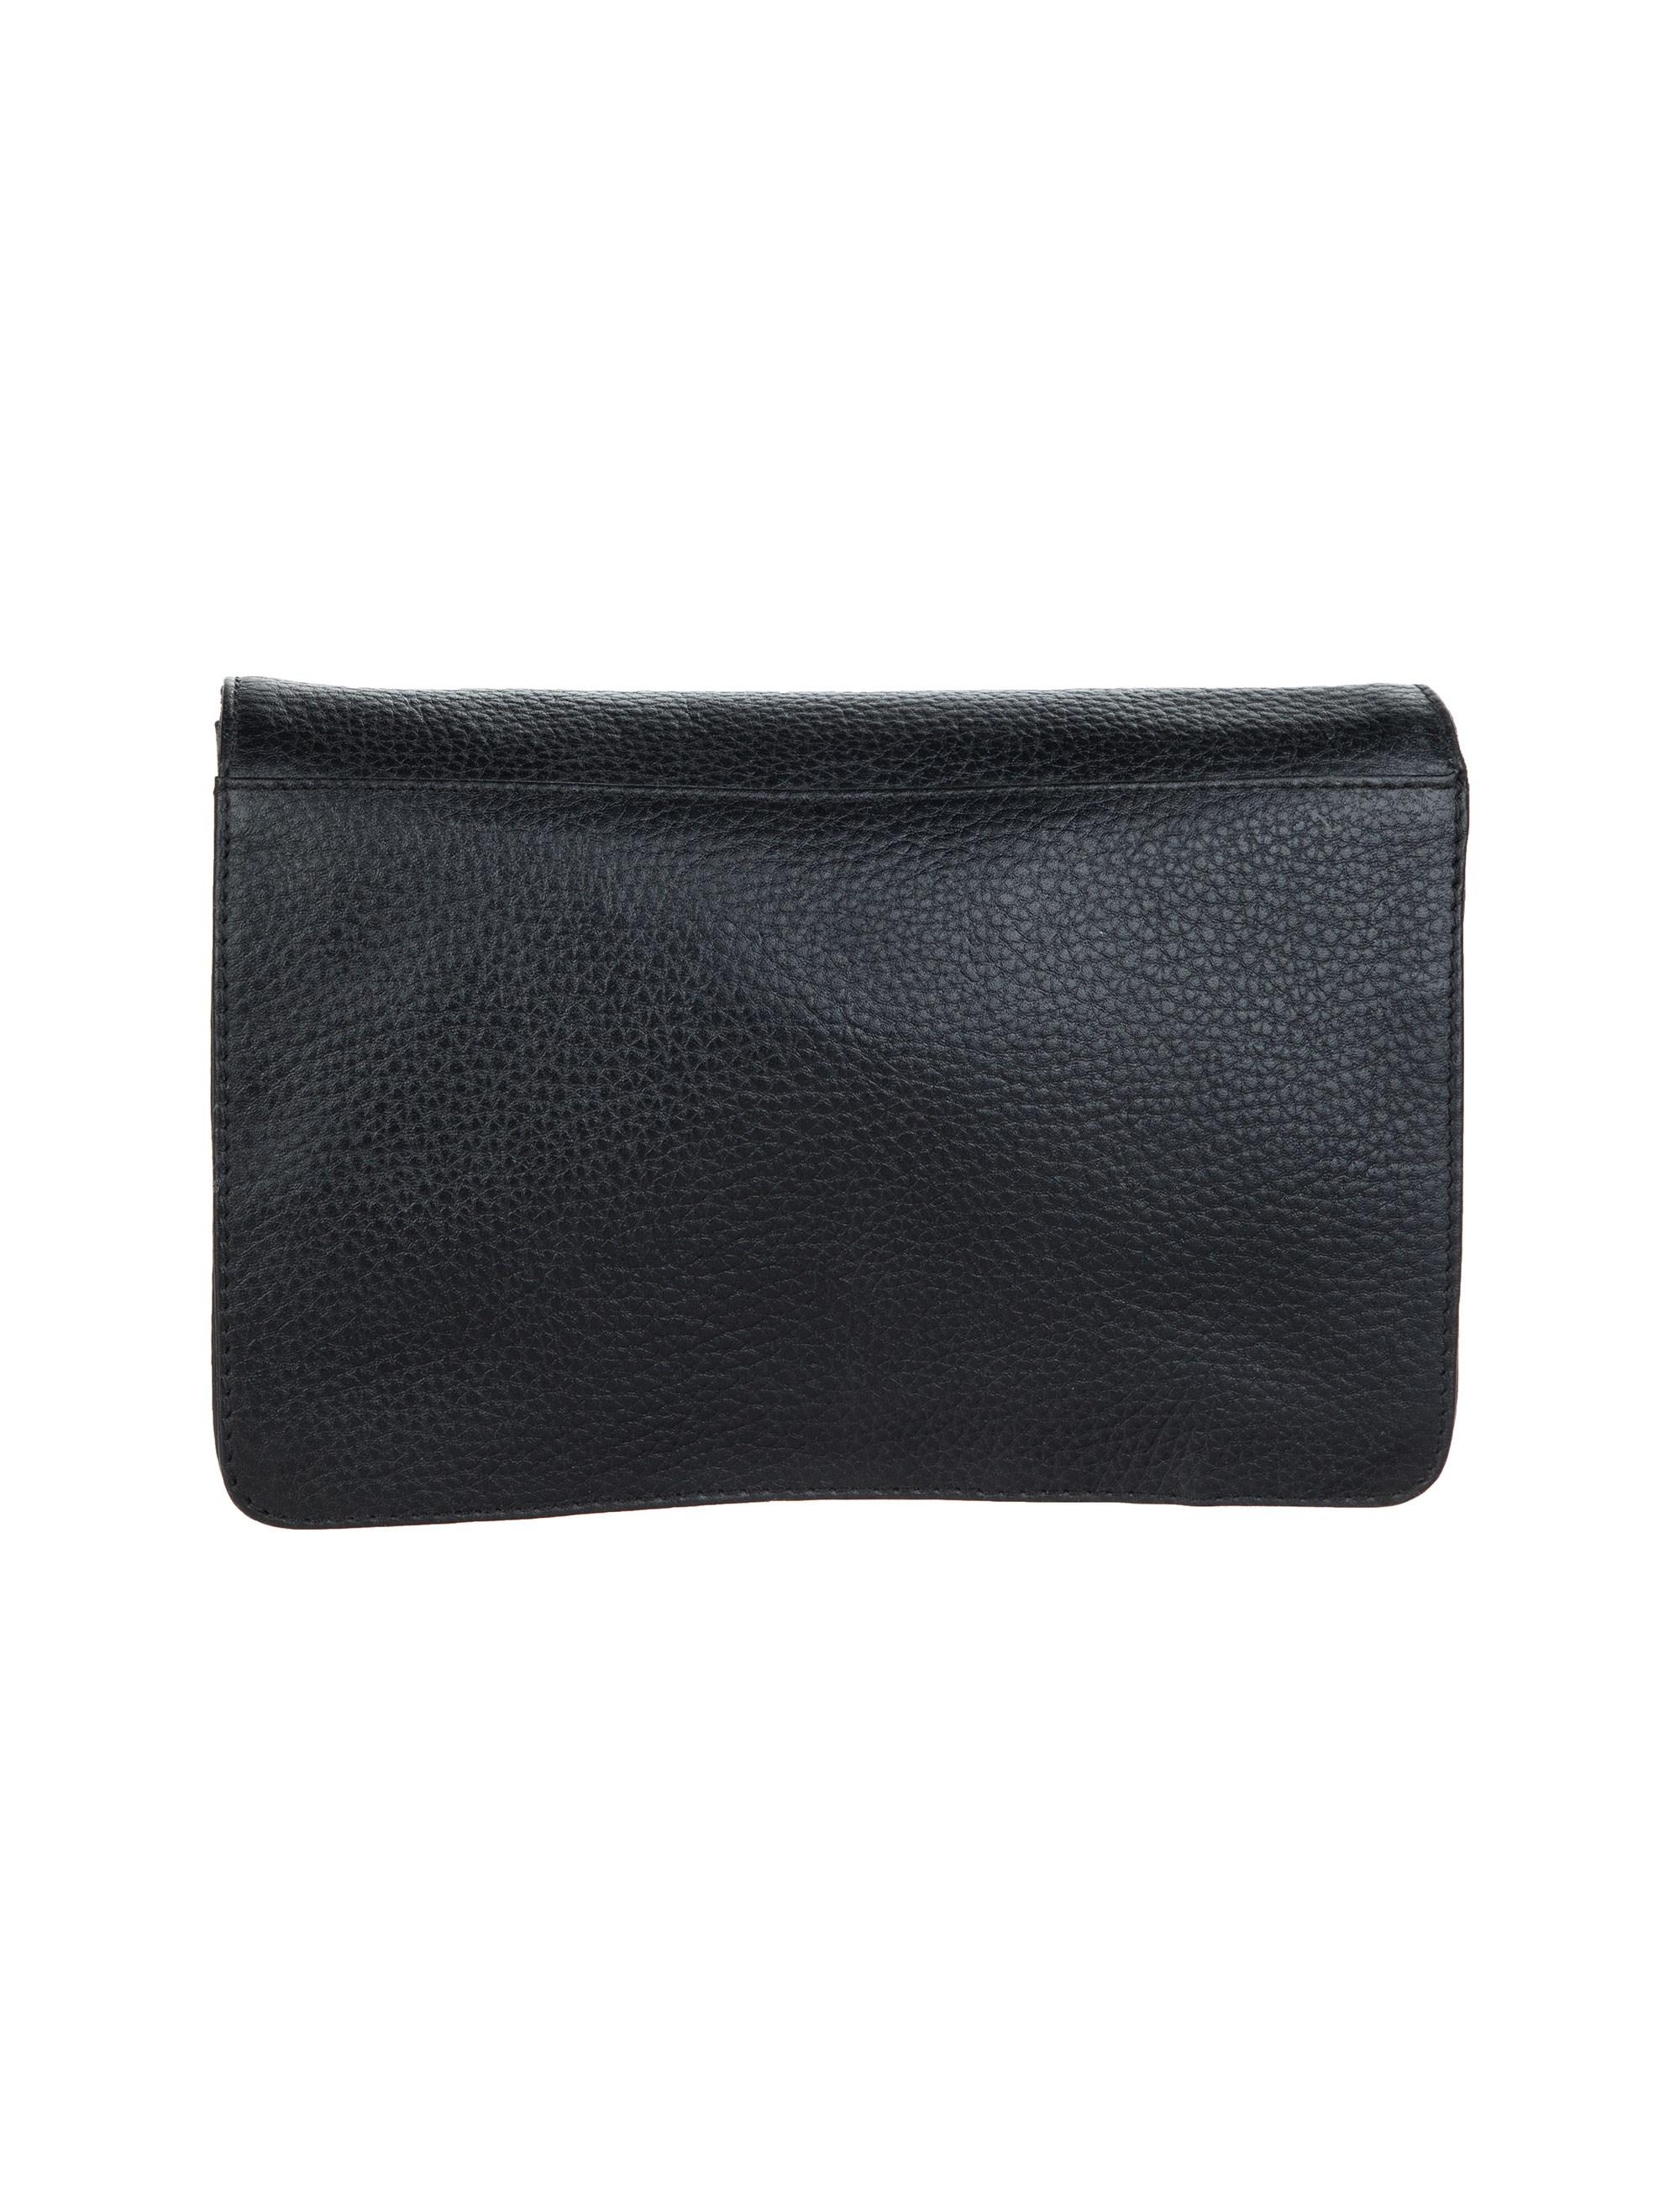 کیف دستی چرم مردانه - شیفر